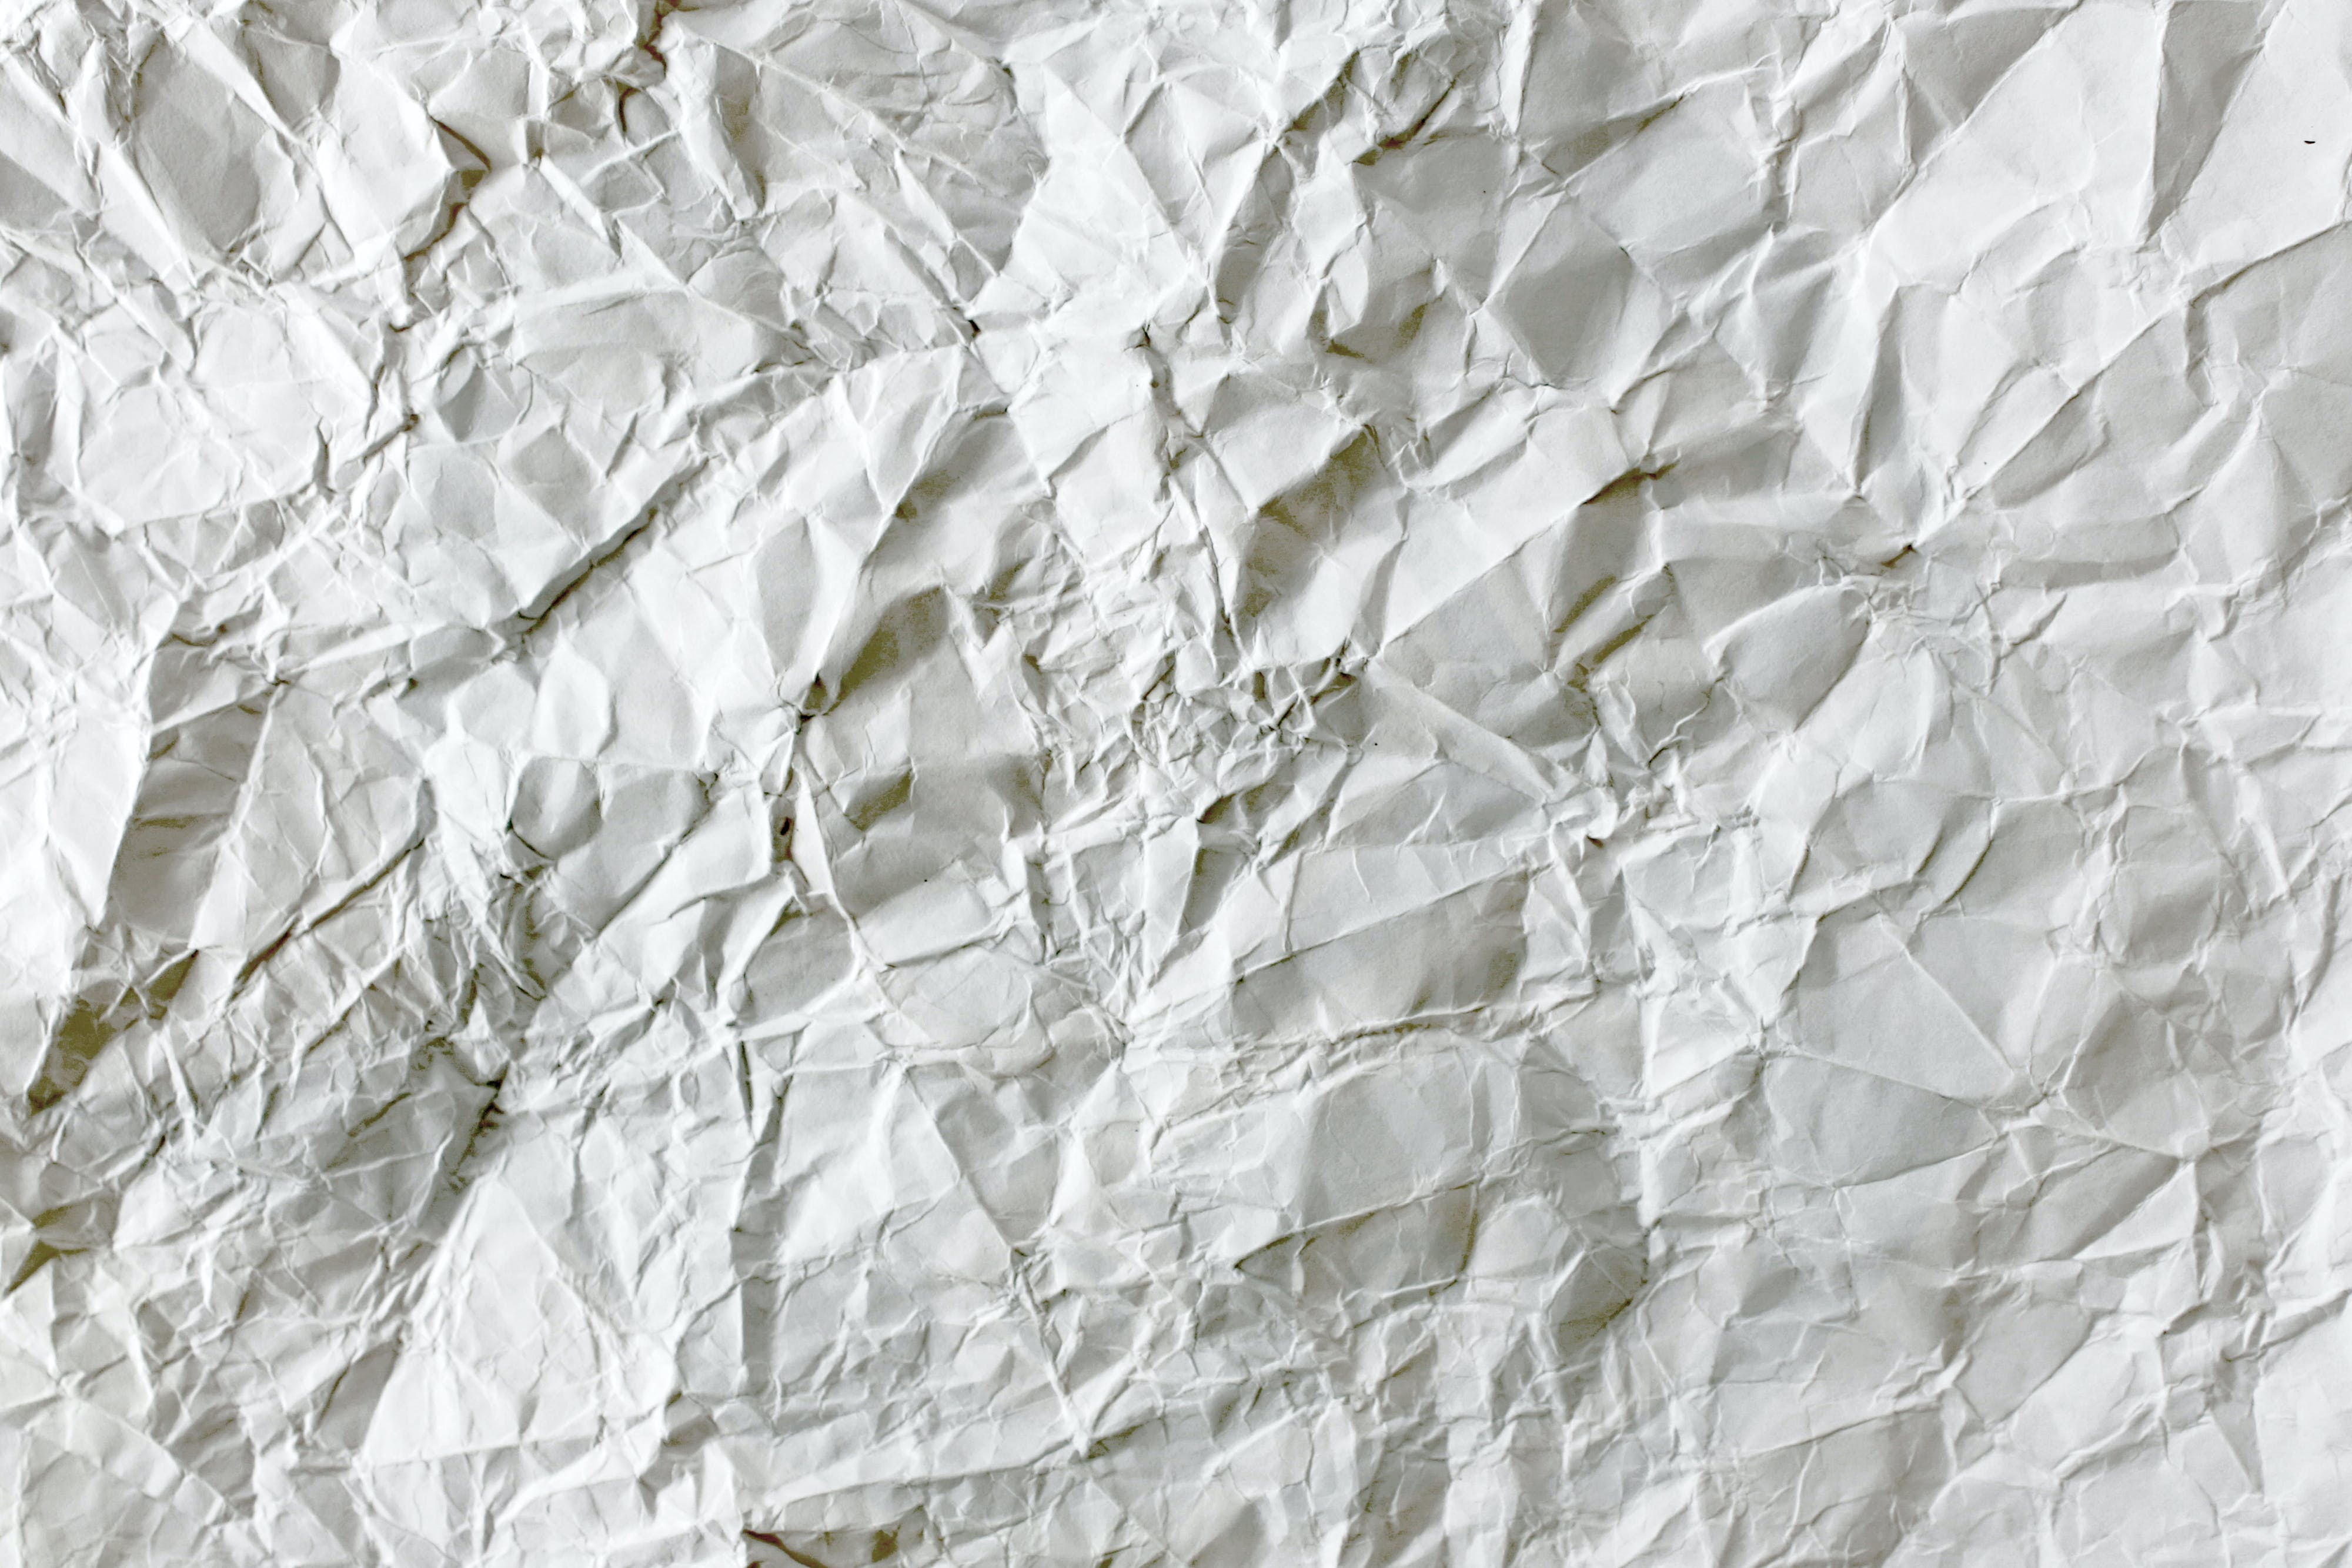 거친, 구겨진, 구겨진 종이, 비어 있는의 무료 스톡 사진